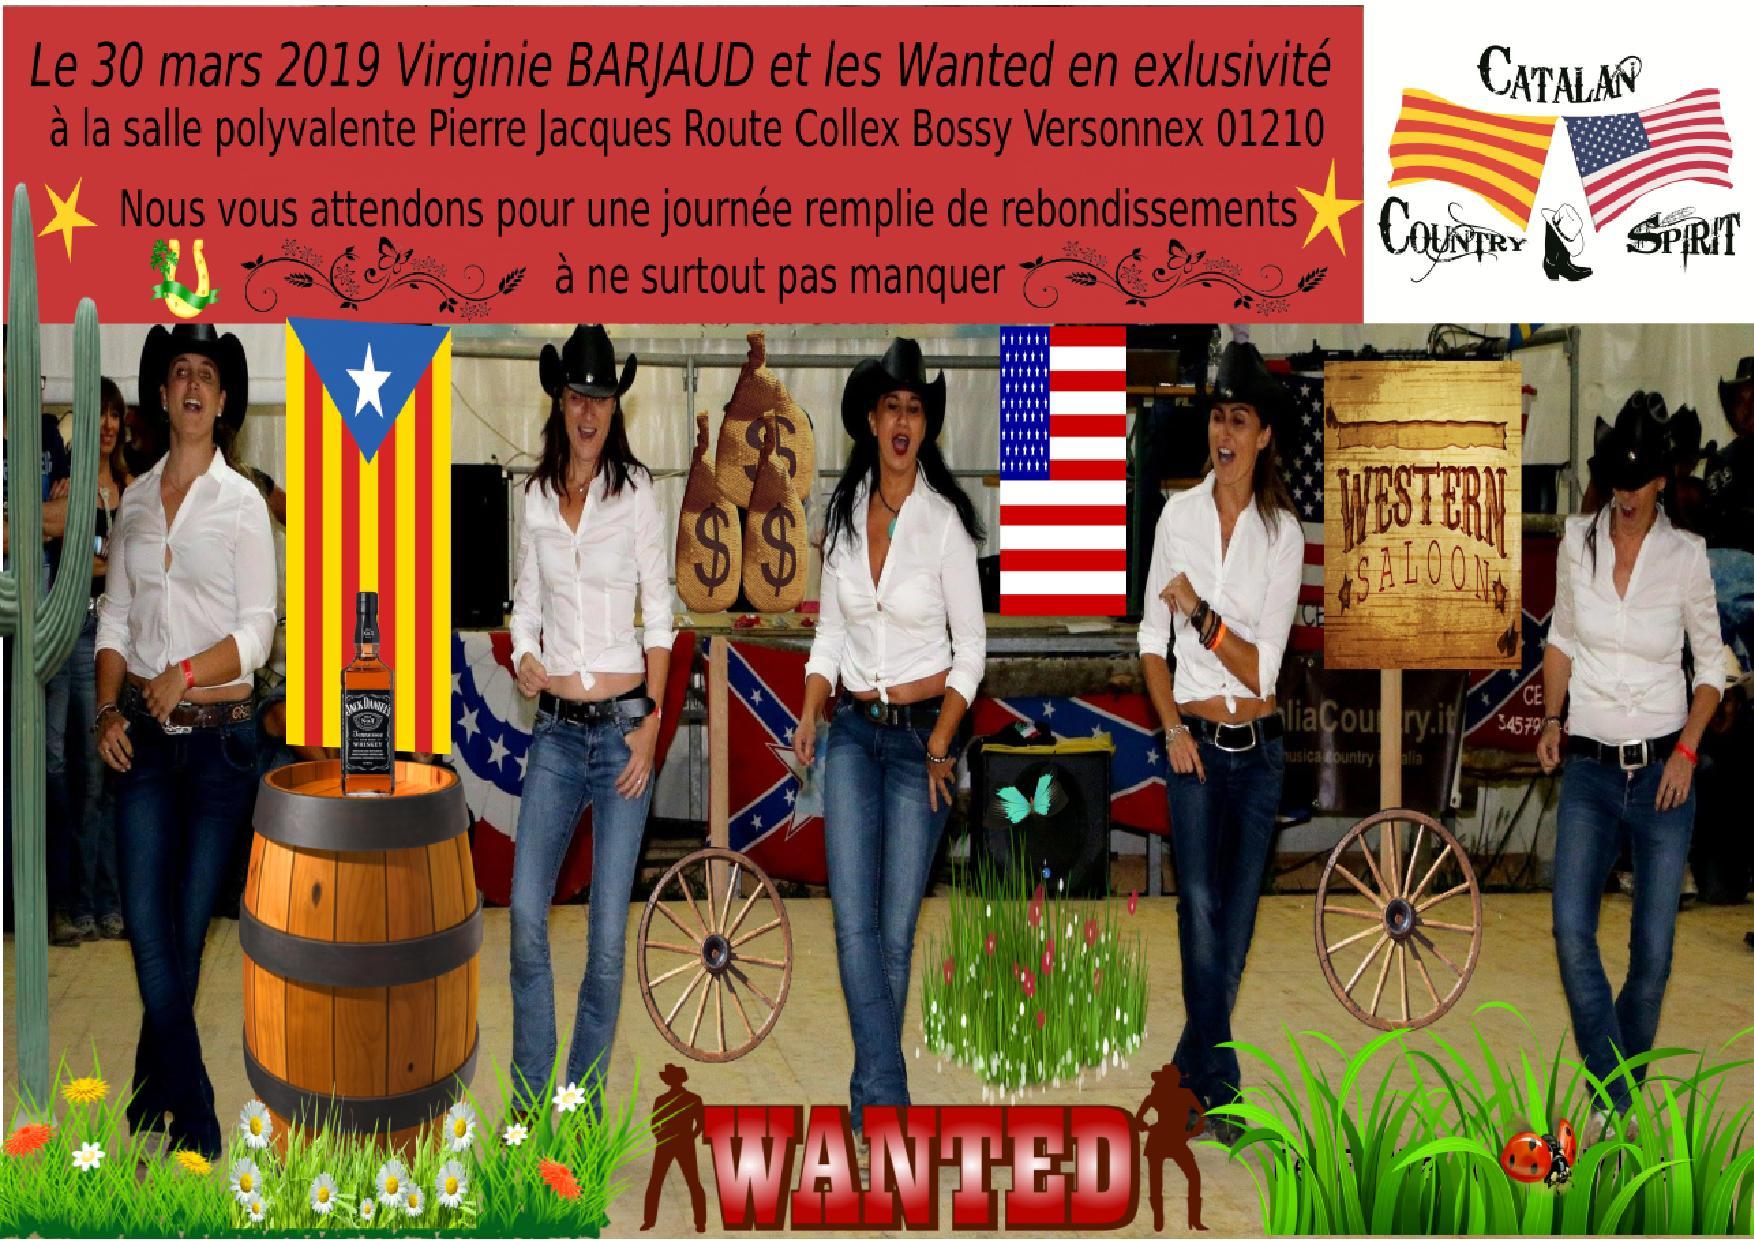 Virginie 2019